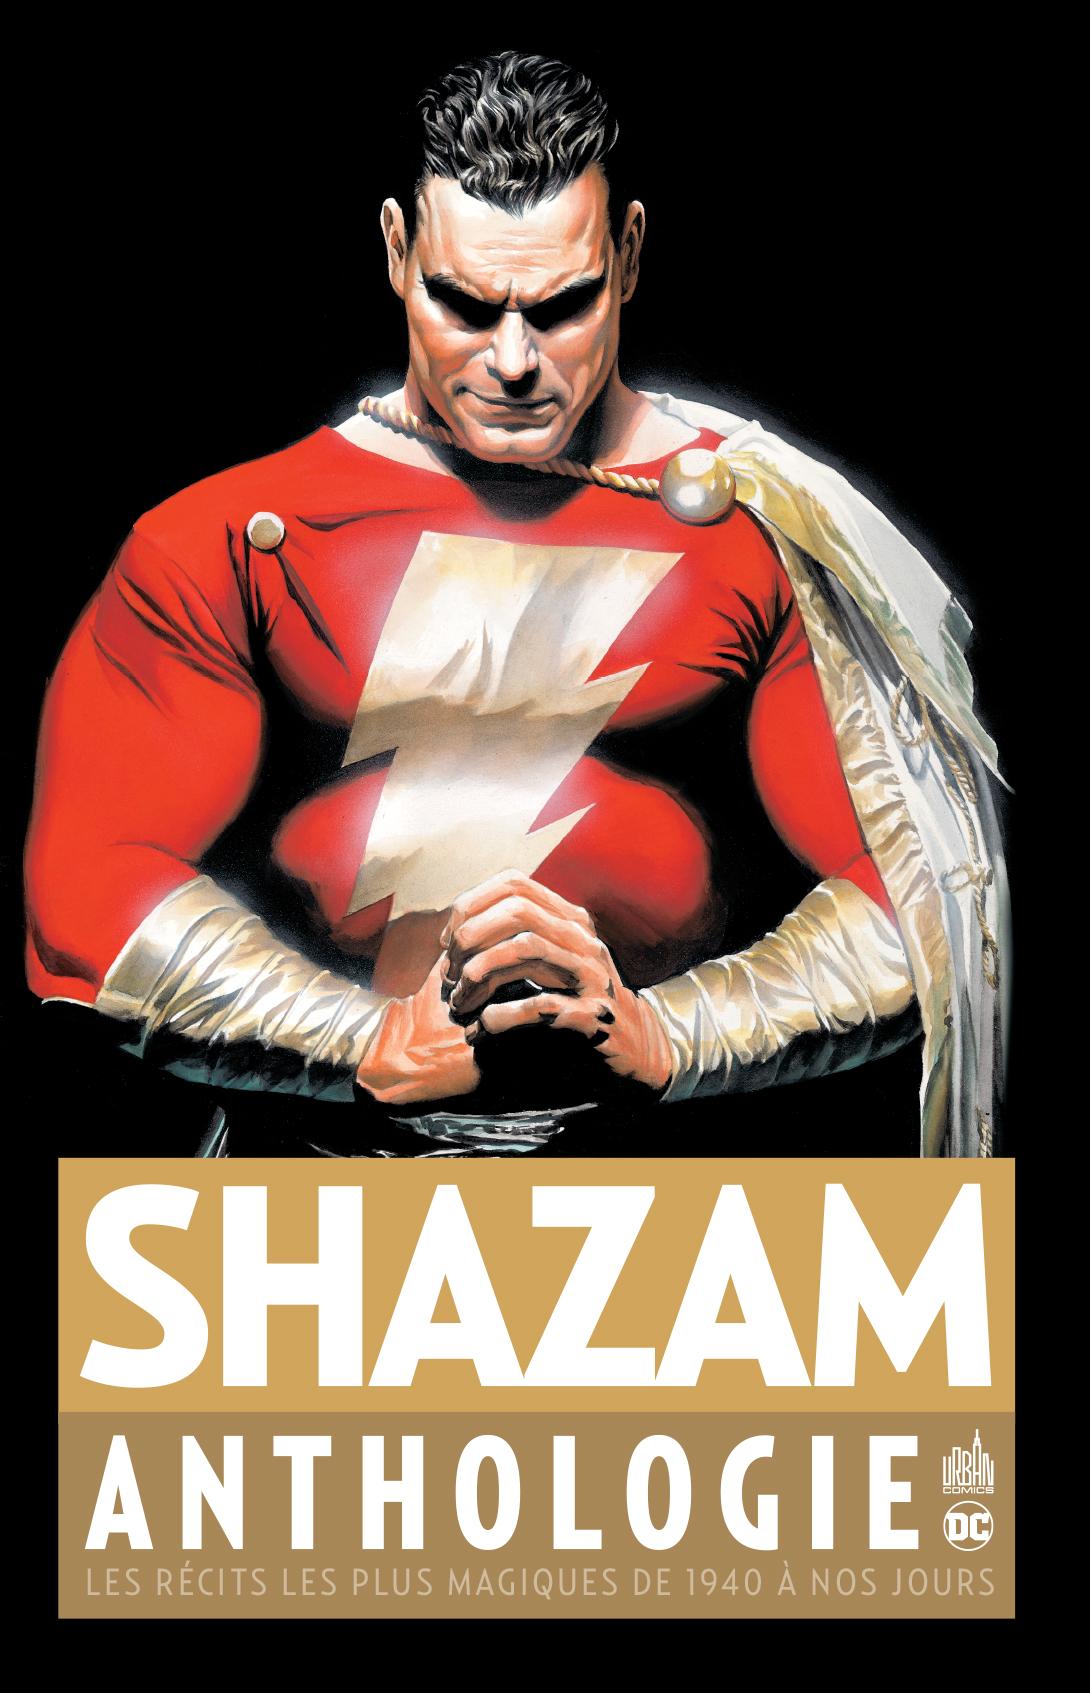 Shazam - Anthologie